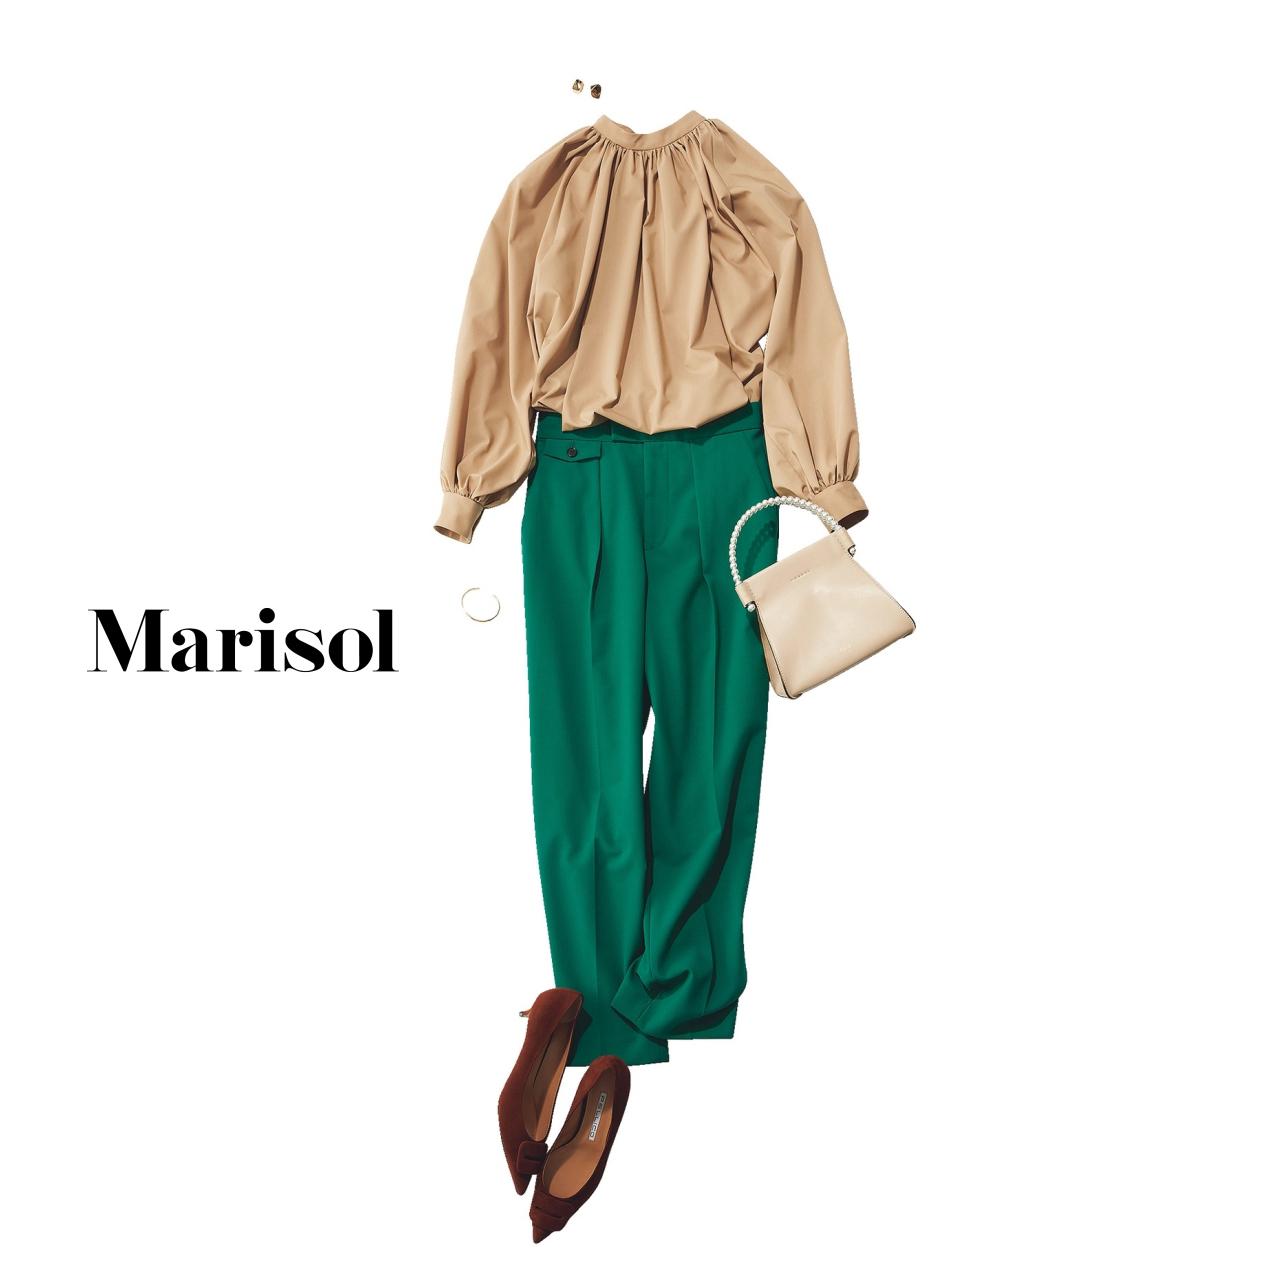 40代ファッション ベージュブラウス×グリーンパンツコーデ